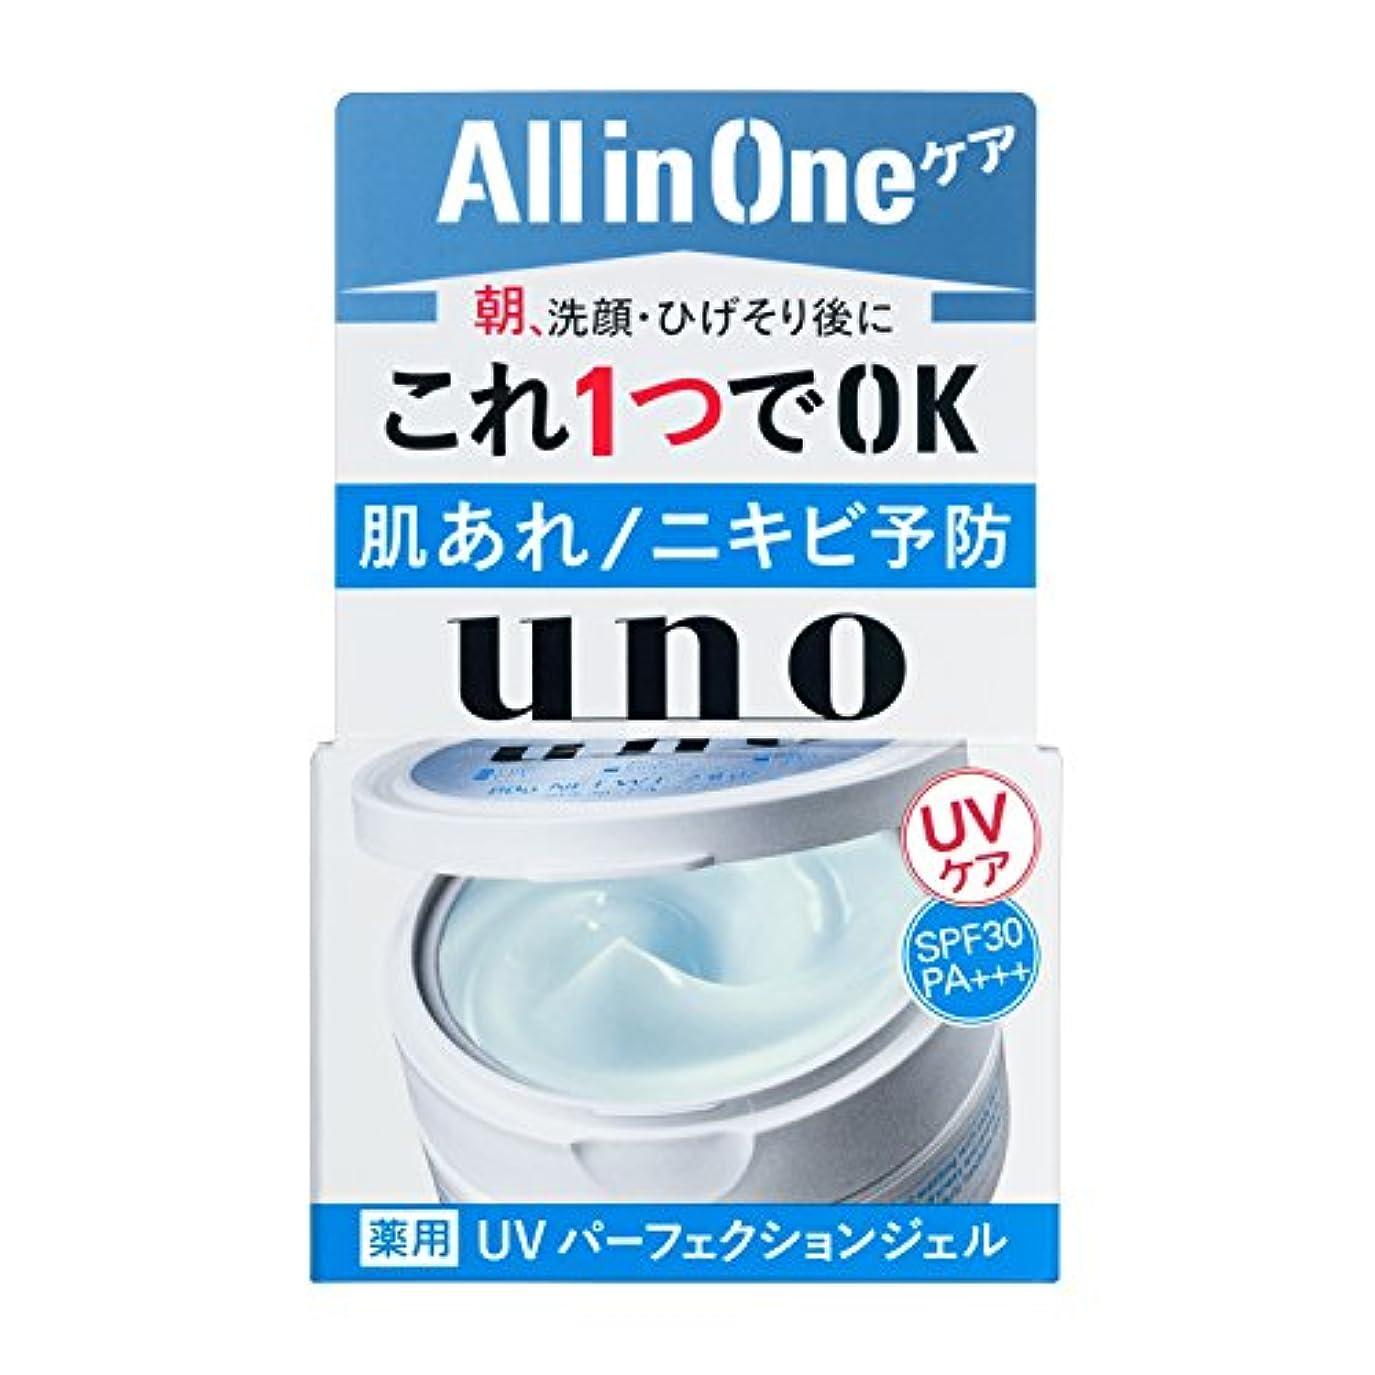 ピルファー倍増原油ウーノ UVパーフェクションジェル 80g (医薬部外品)